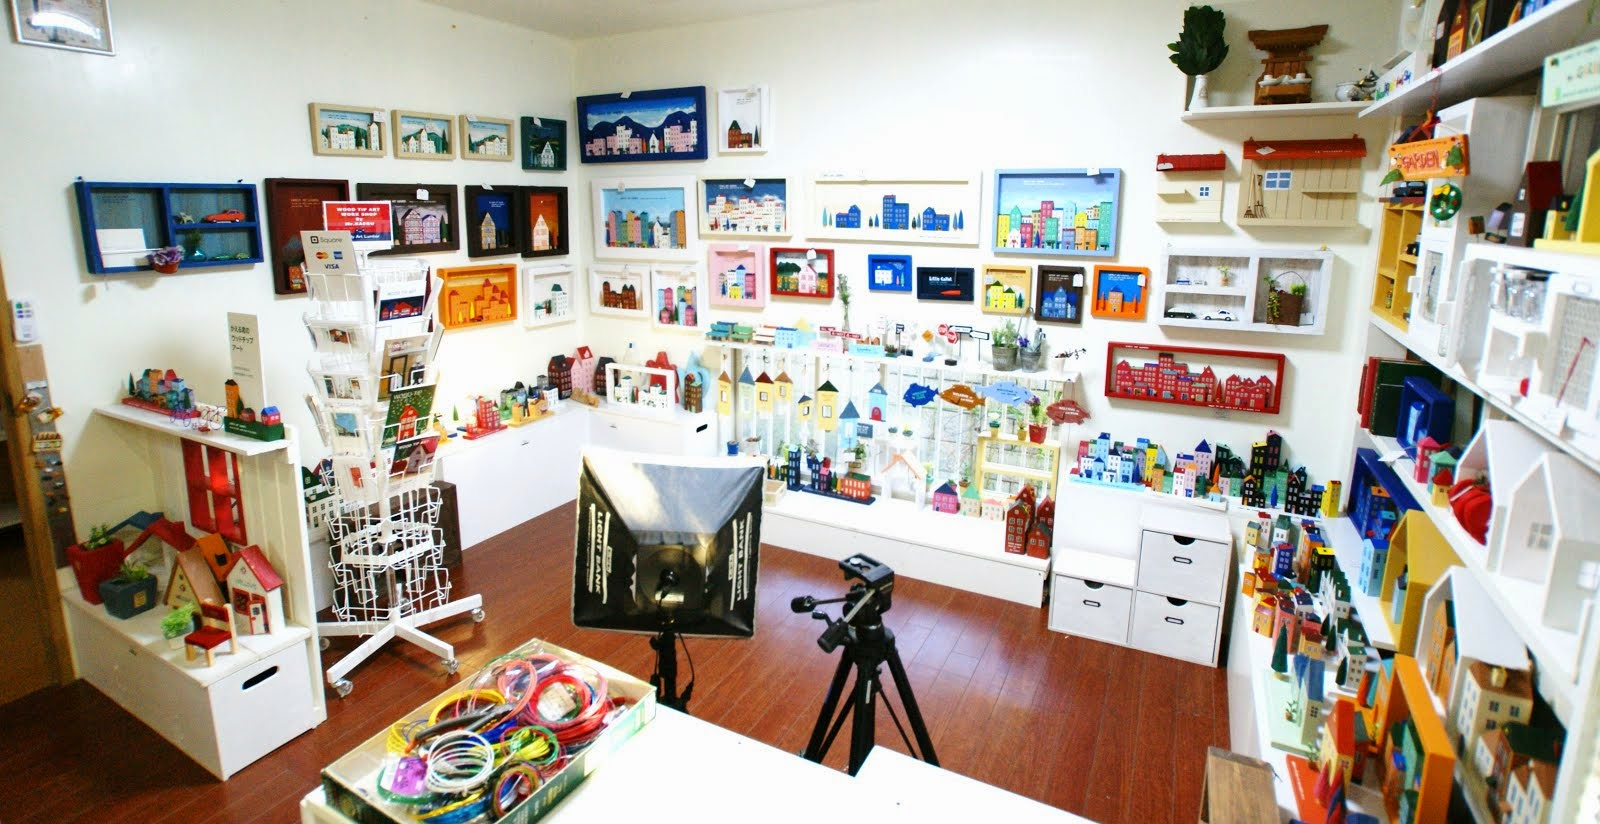 ギャラリーで実物を見学でき、ご購入もできます。